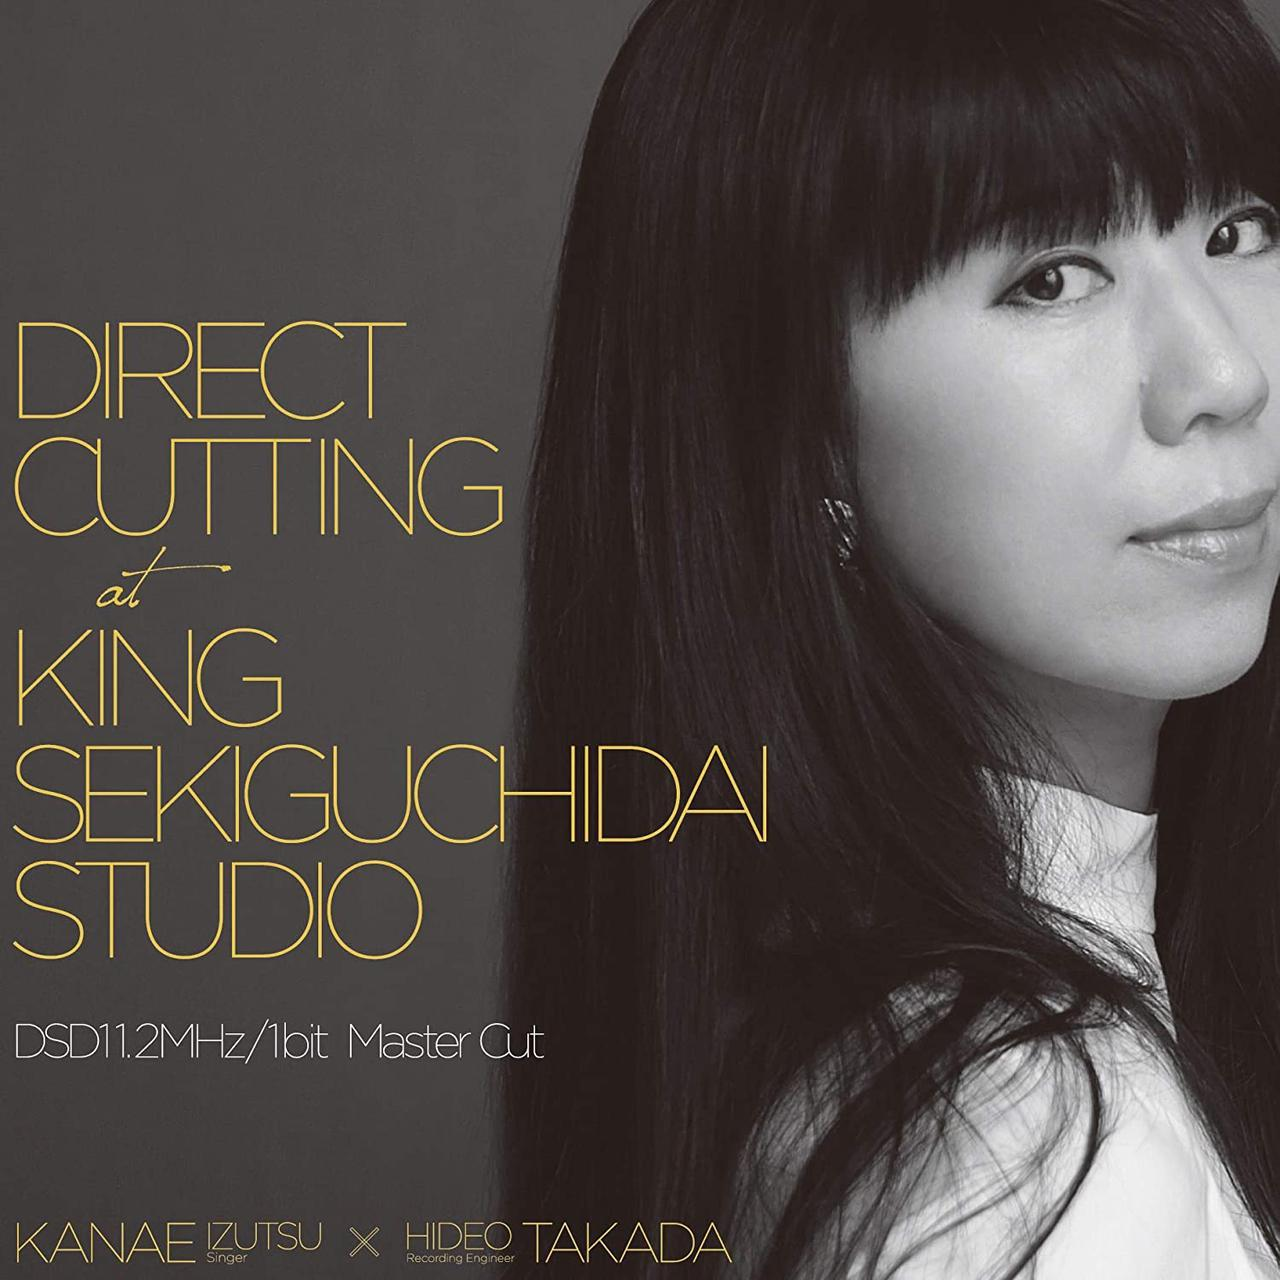 画像: 『Direct Cutting at King Sekiguchidai Studio (DSD11.2MHz/1bit MASTER Cut)』 アナログLP(ジェリーフィッシュLBLP-052)¥6,380(税込)